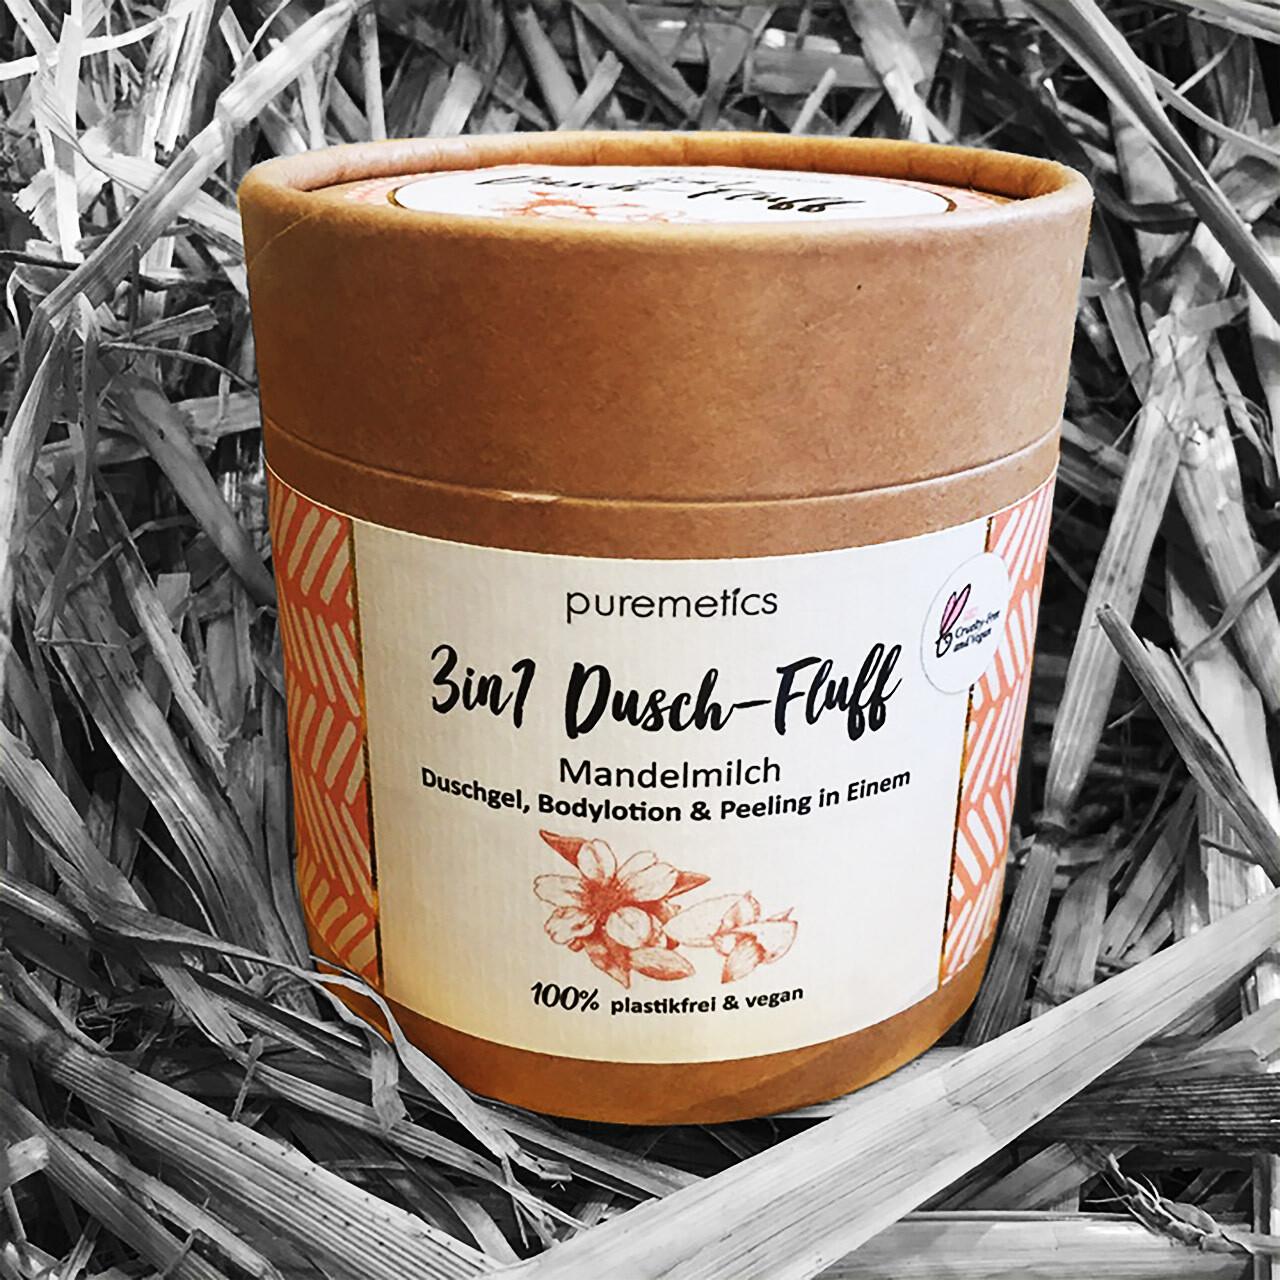 3in1 Dusch-Fluff Mandelmilch